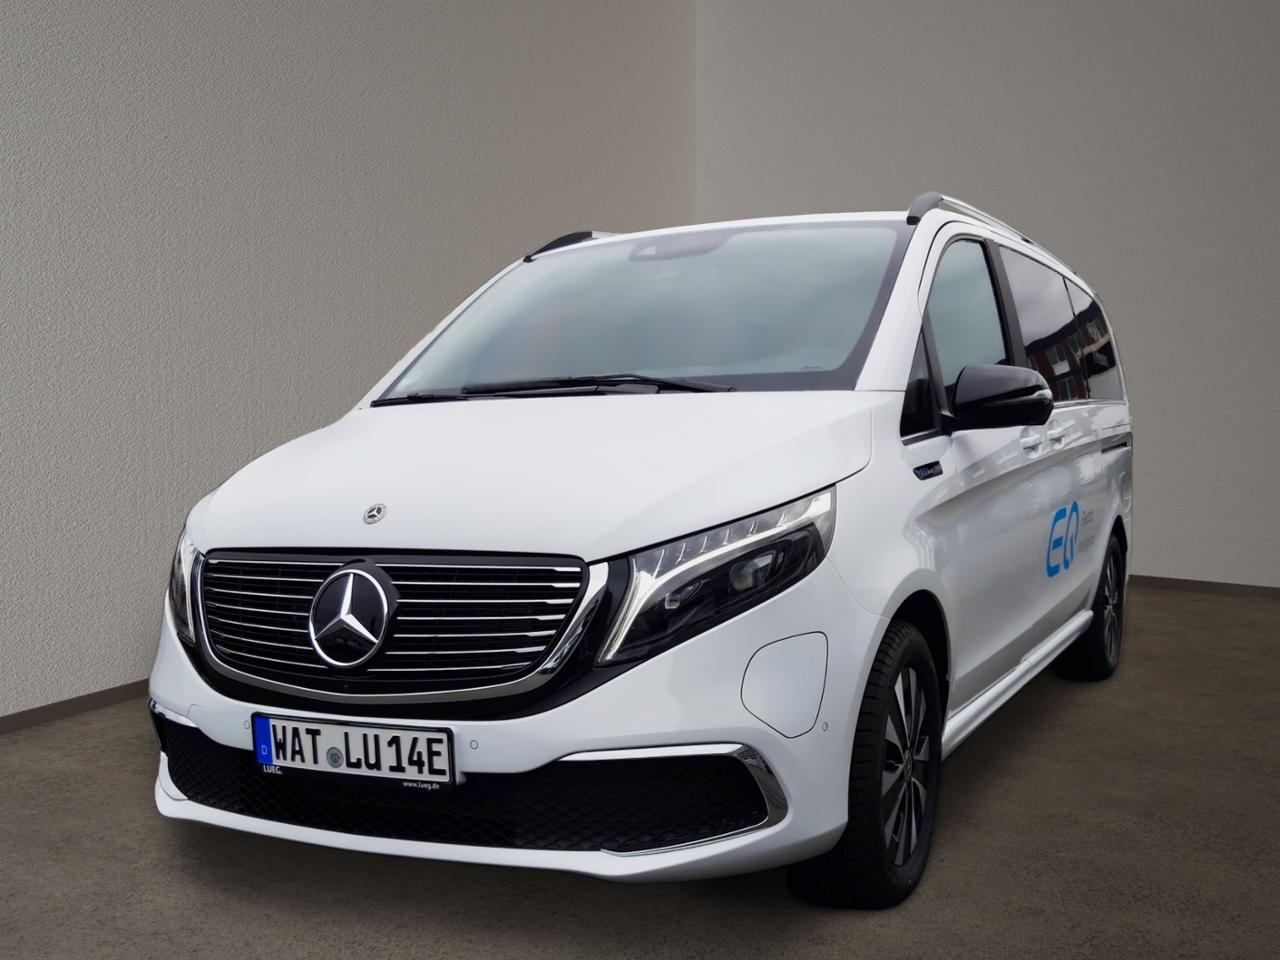 Mercedes-Benz EQV 300 AVG/L Avantgarde lang 7-Sitzer/MBUX, Jahr 2020, Elektro